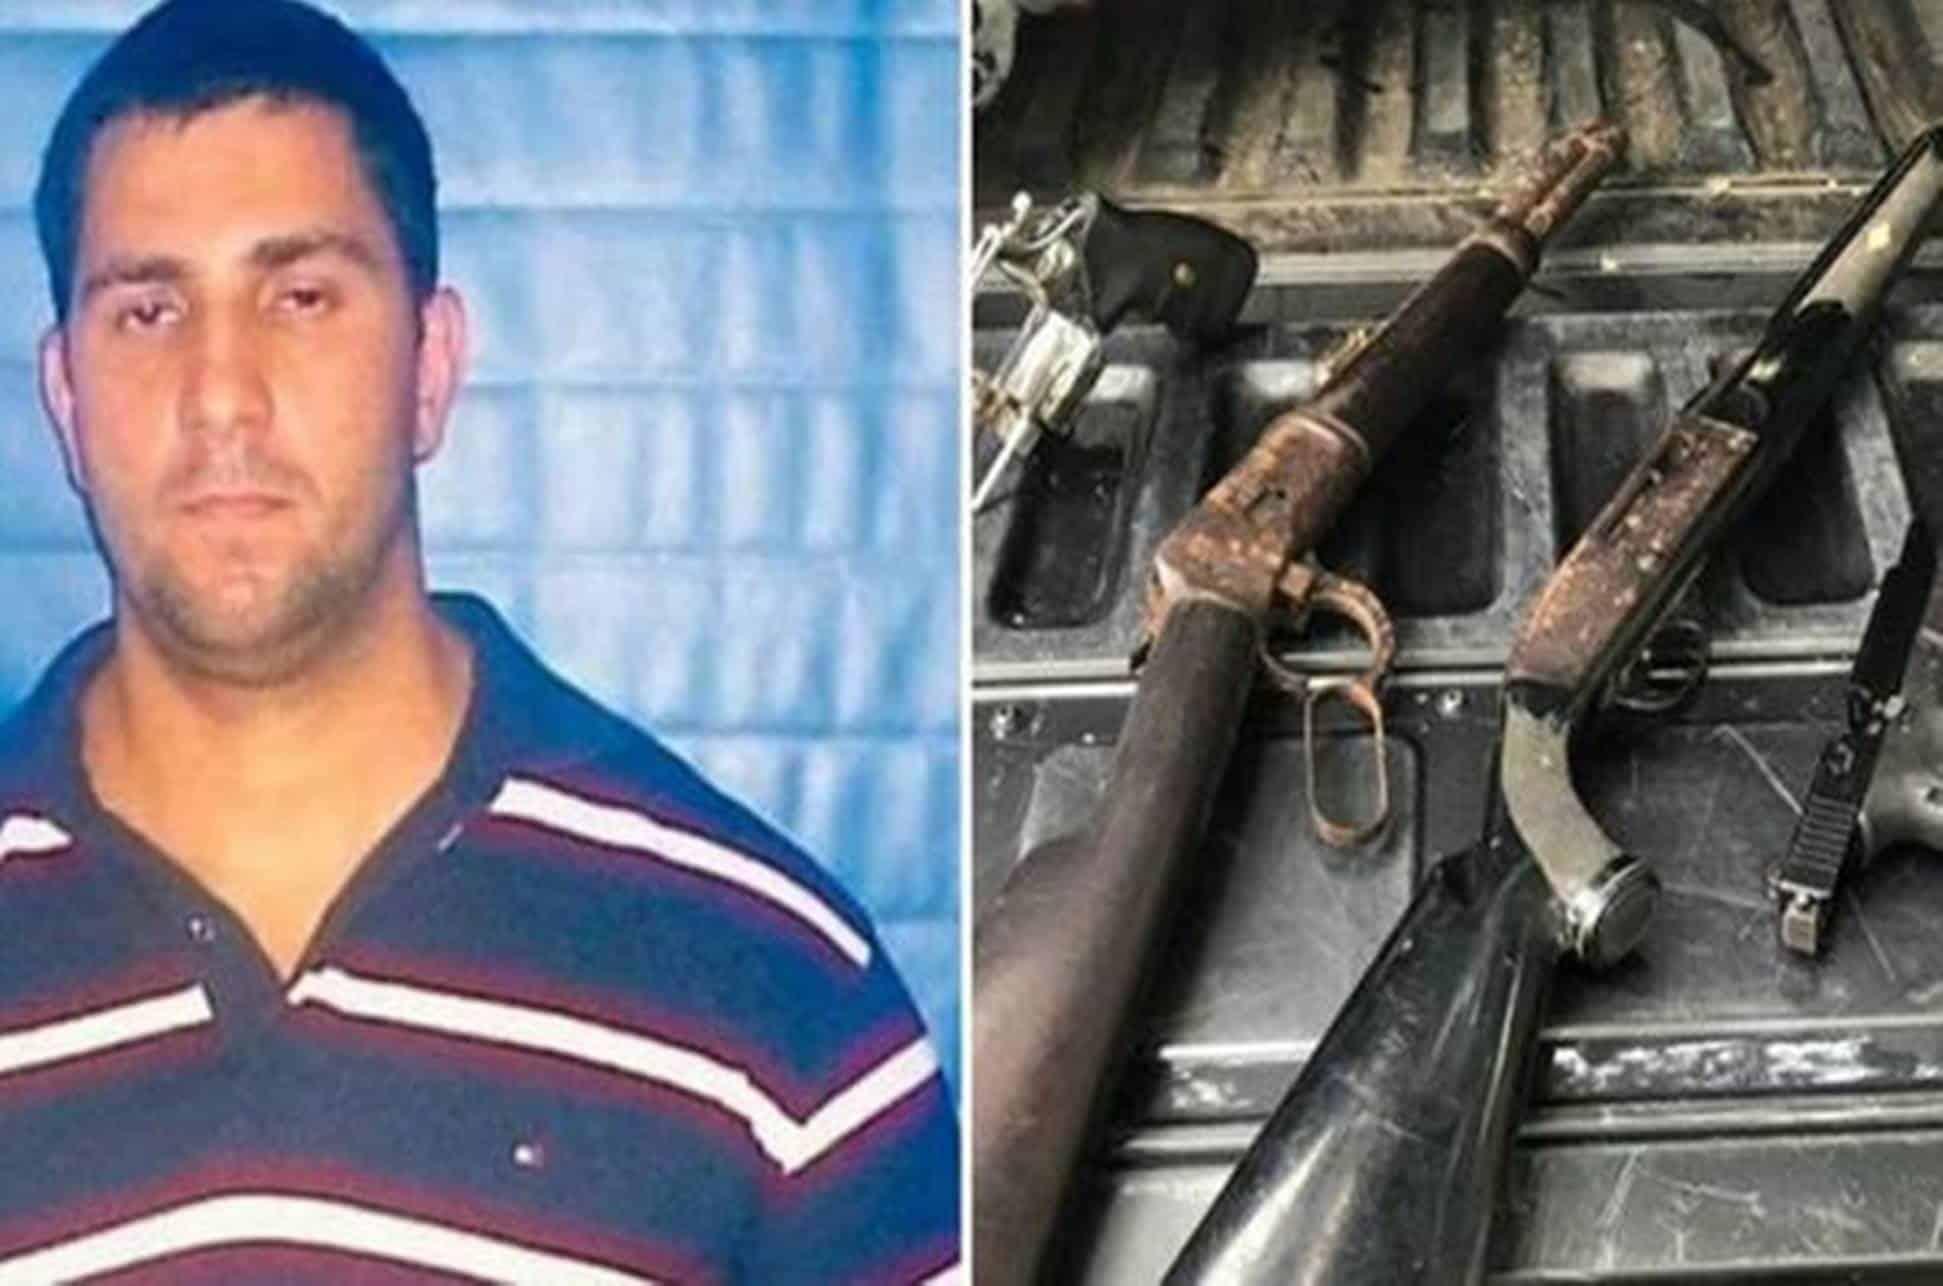 Revista diz que miliciano foi morto na Bahia com tiros a curta distância; SSP contesta